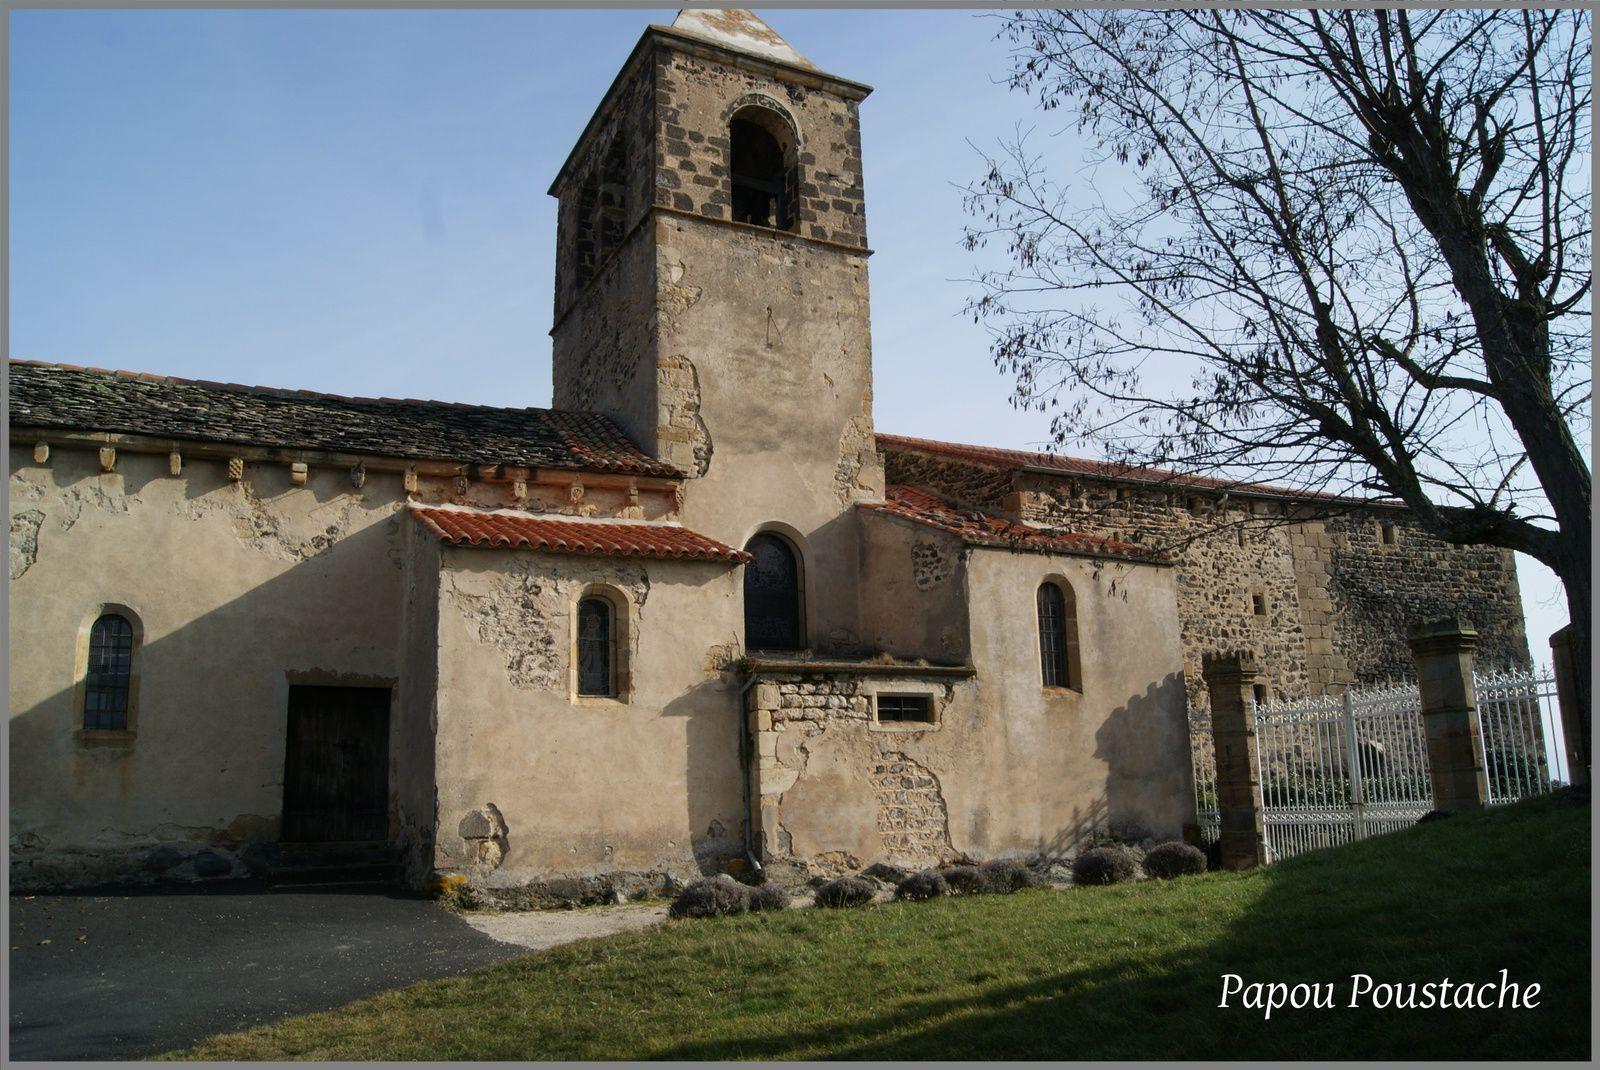 Le village de Chalus dans le Puy de Dome